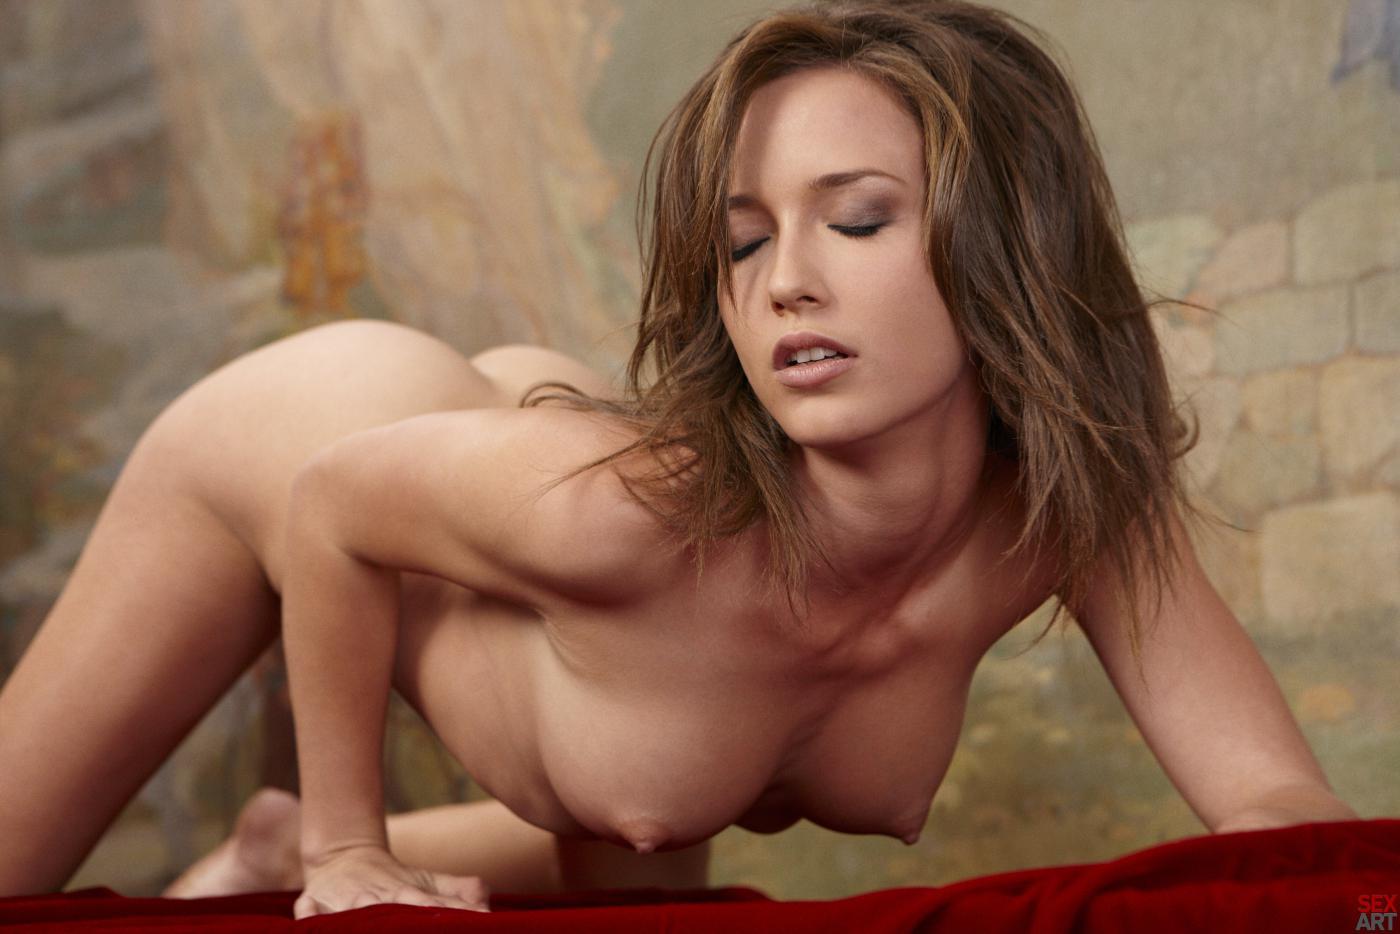 malena fuck  nude